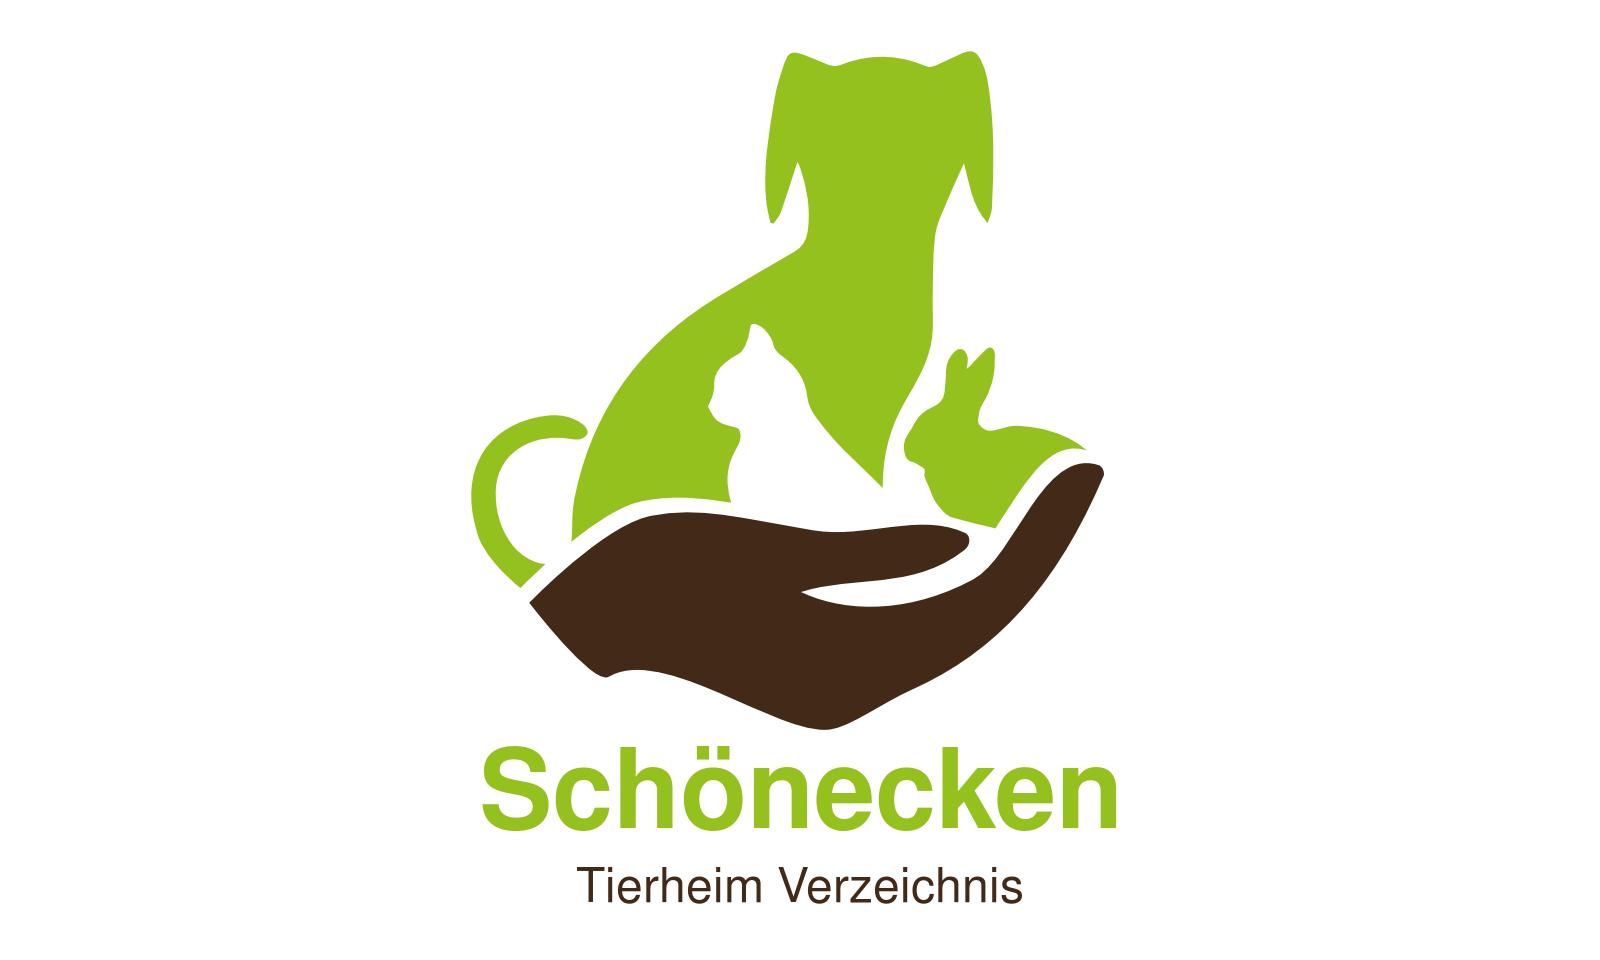 Tierheim Schönecken